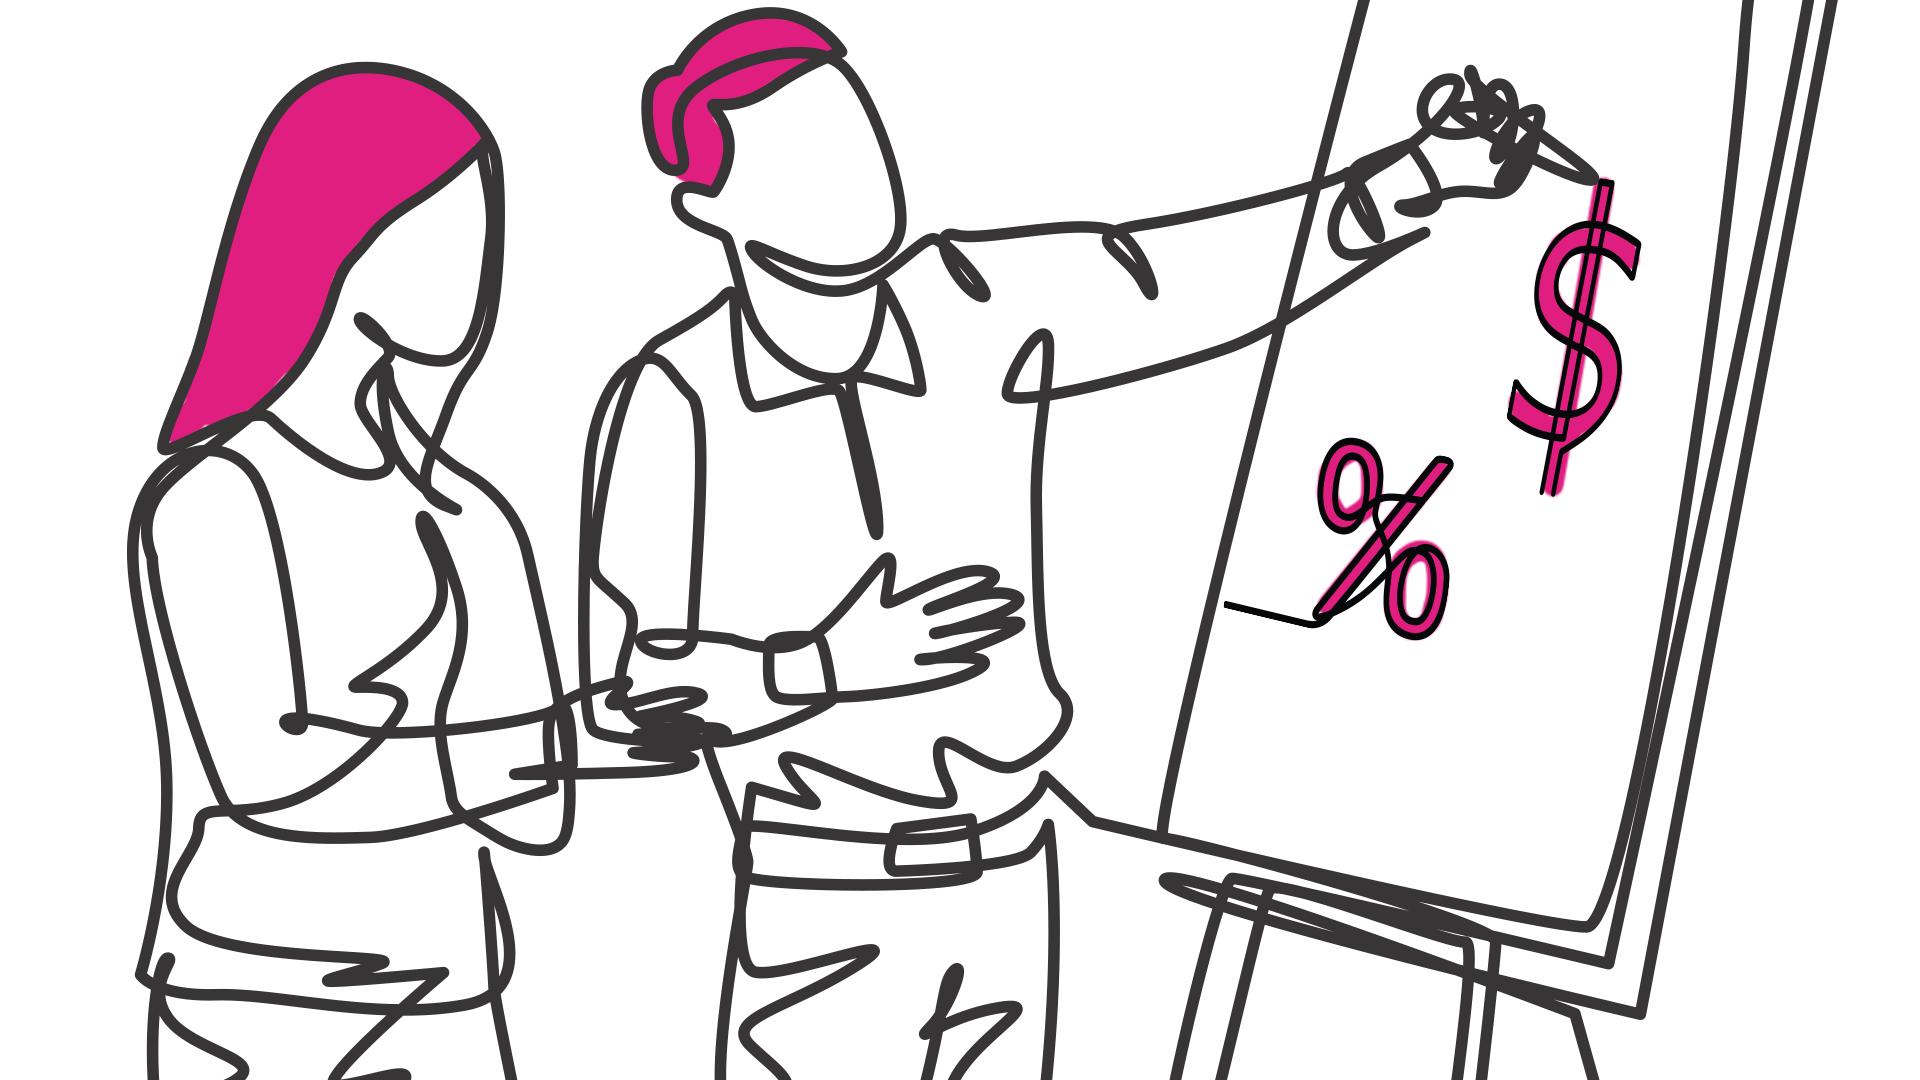 pessoas desenhando em um quadro branco